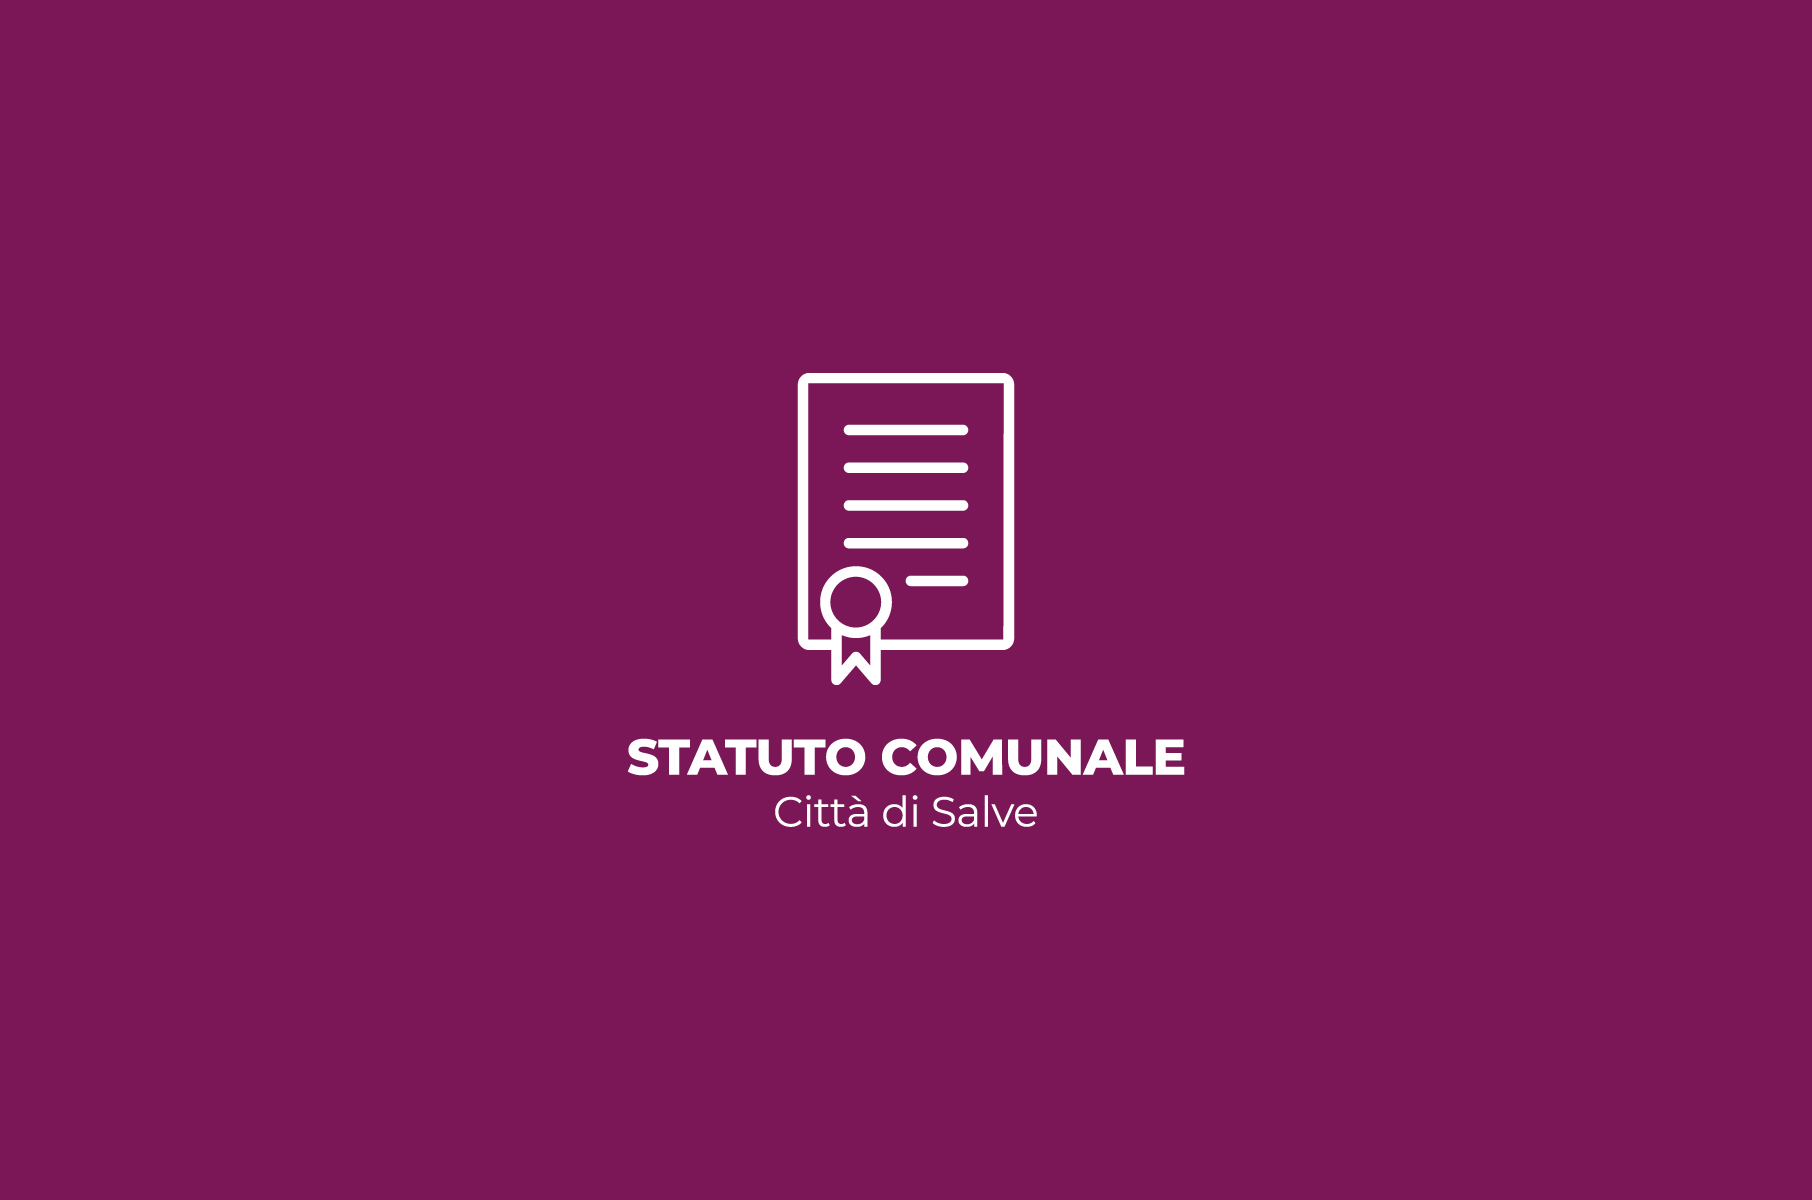 Statuto Comunale Comune di Salve